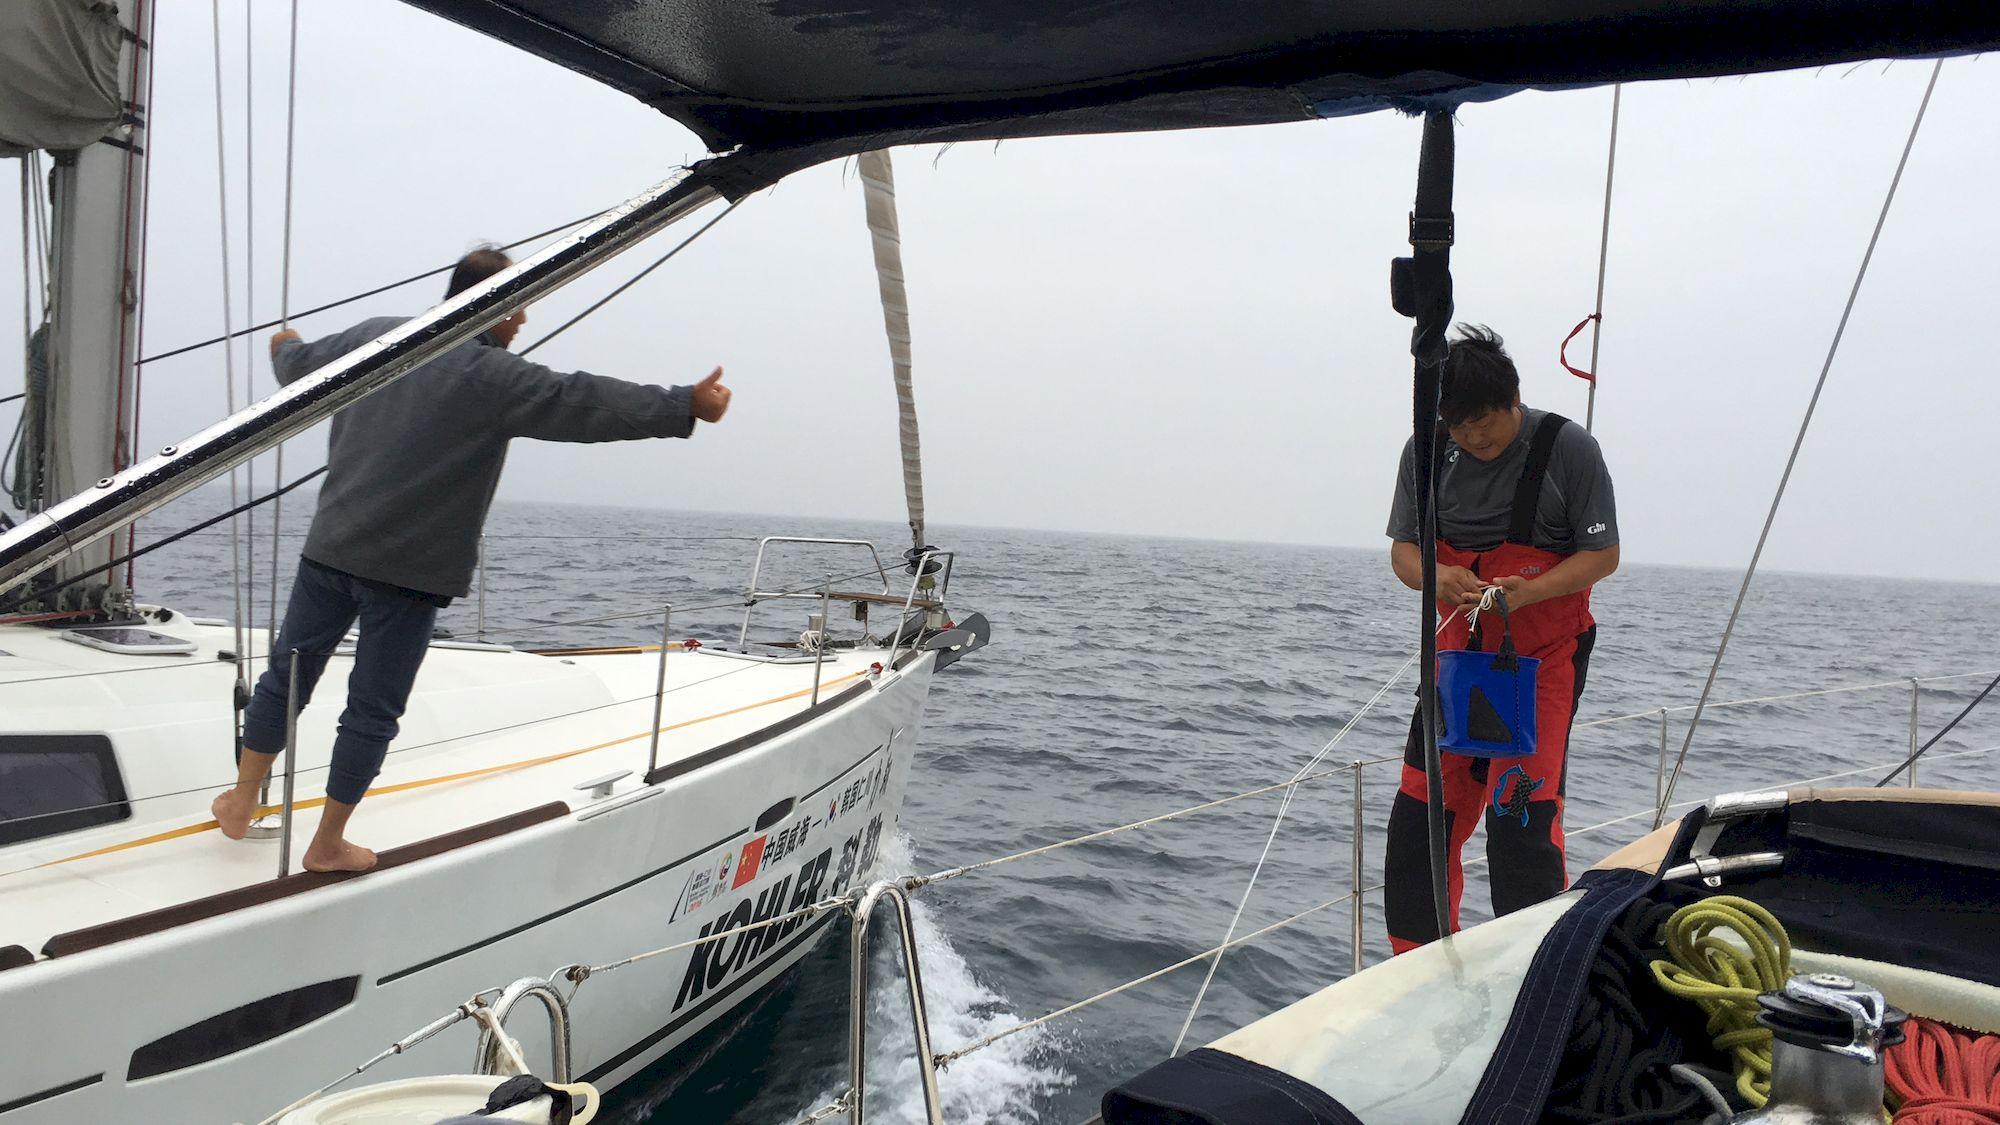 031-IMG_3405_千帆俱乐部我要航海网帆船队-2016威海-仁川国际帆船赛.JPG